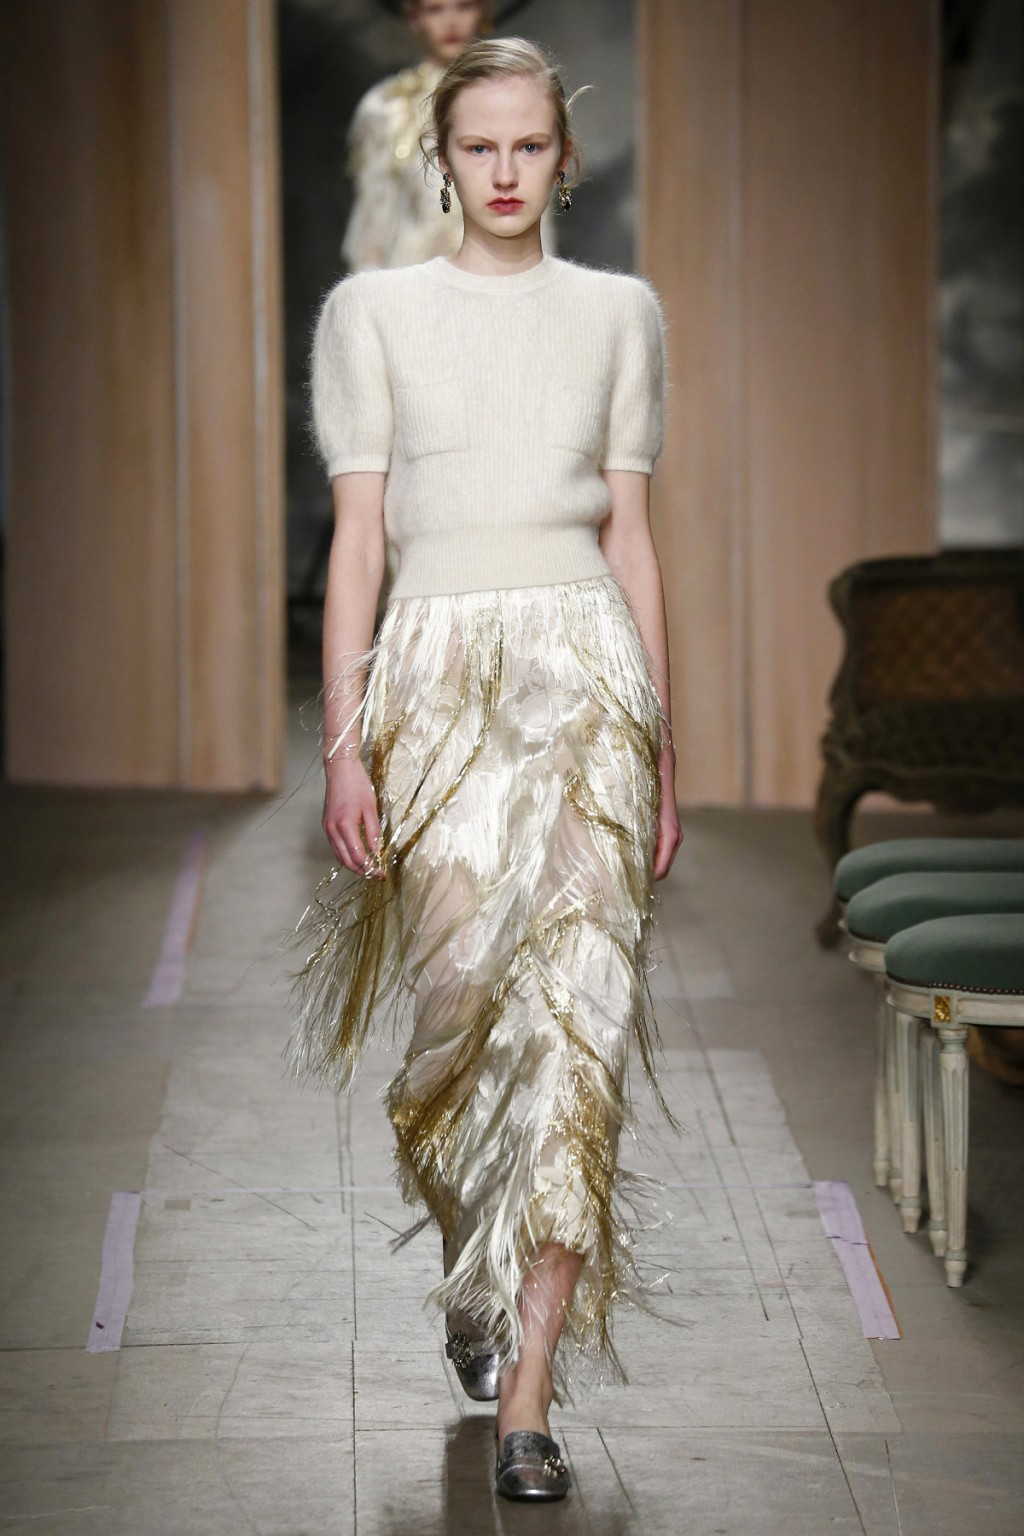 Chân váy tua rua đặc trưng của thời trang thập niên 20